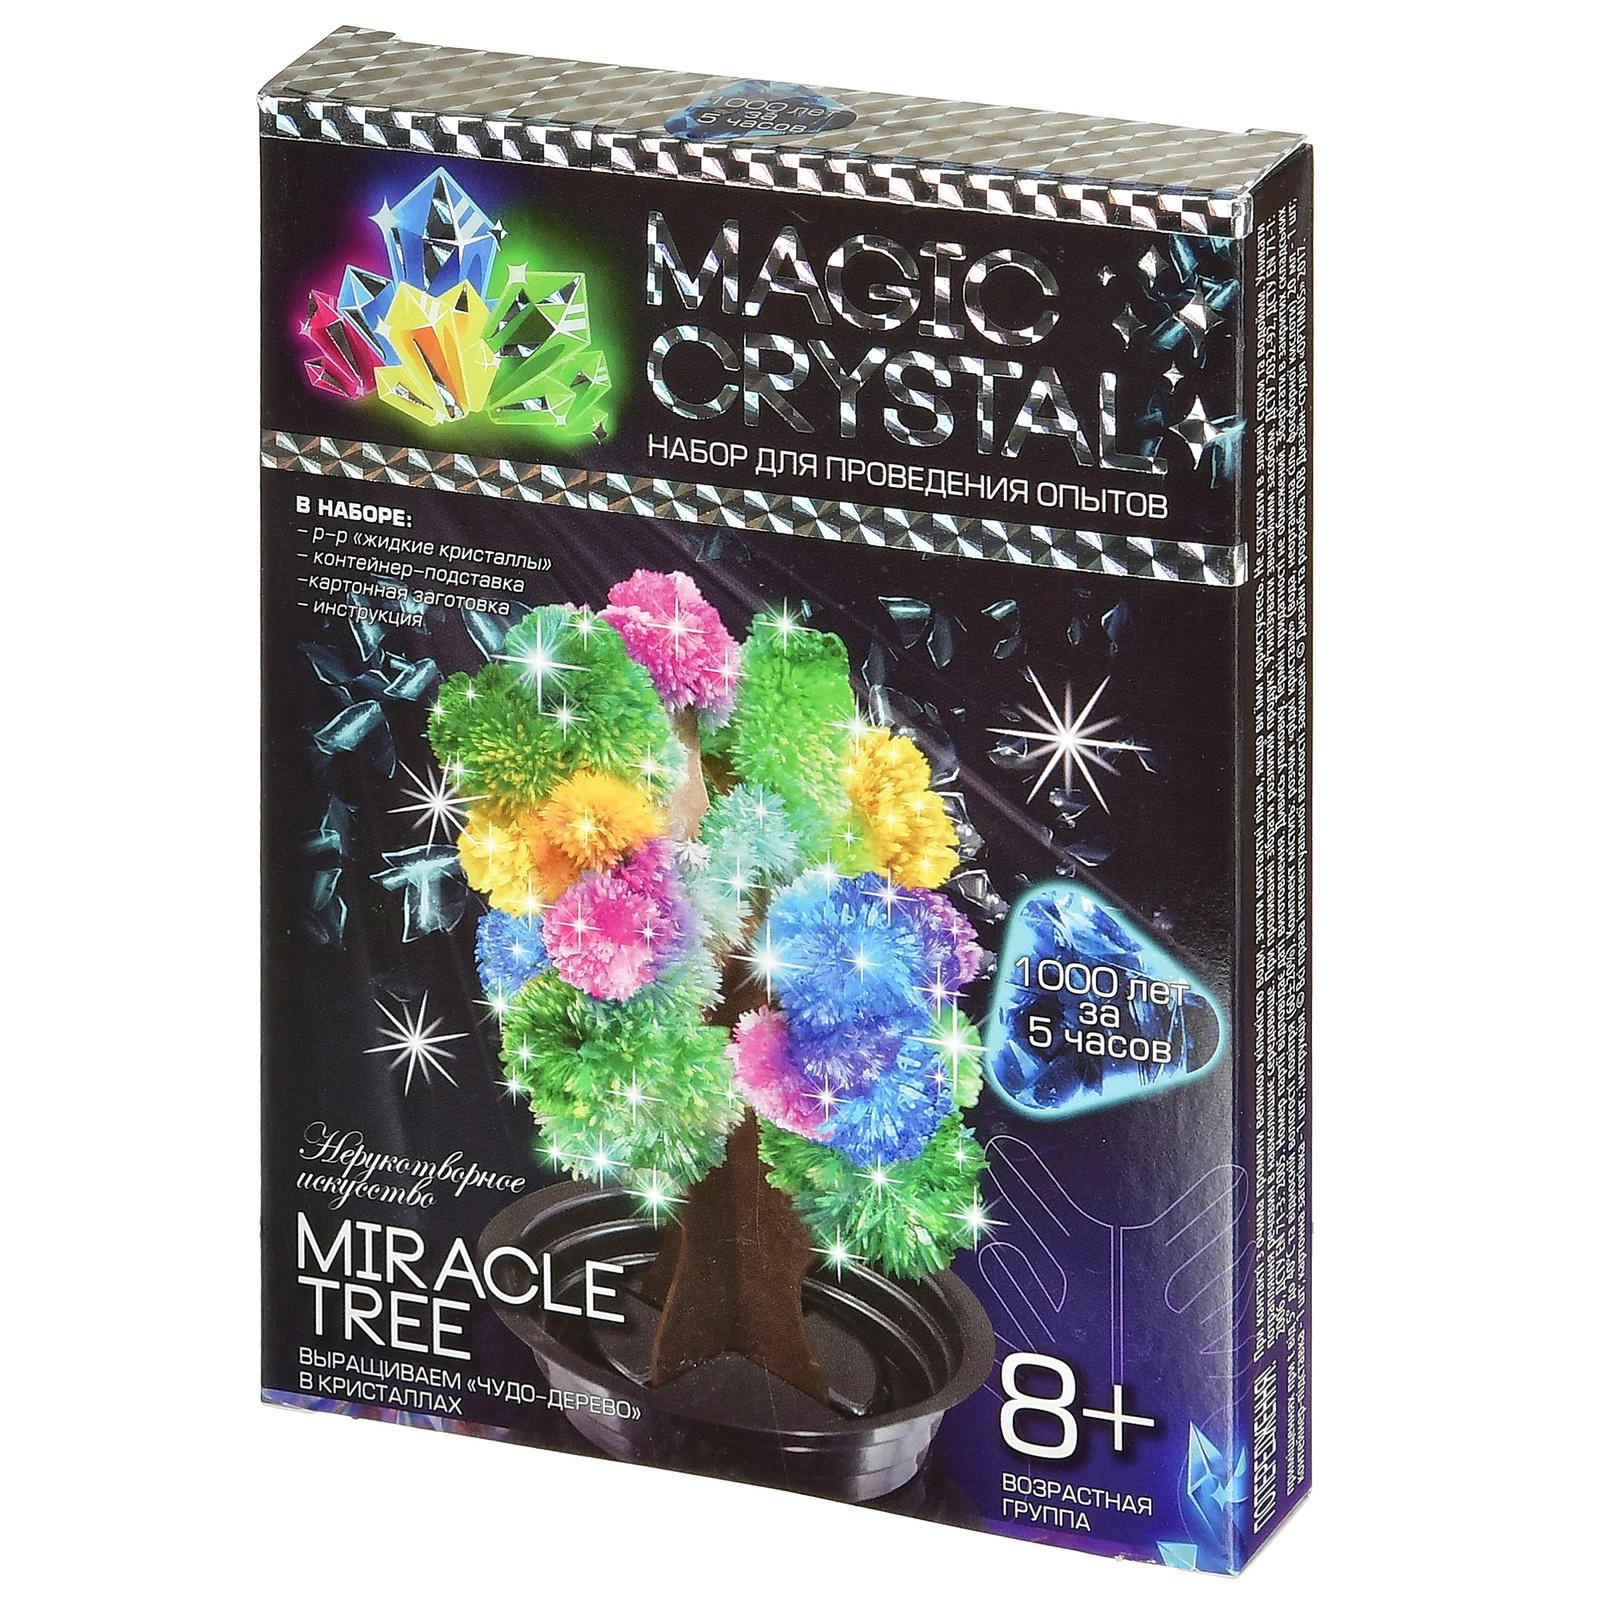 Купить DANKO TOYS Набор для проведения опытов №4 Нерукотворное искусство. Miracle tree OMC-01-04, Наборы для опытов